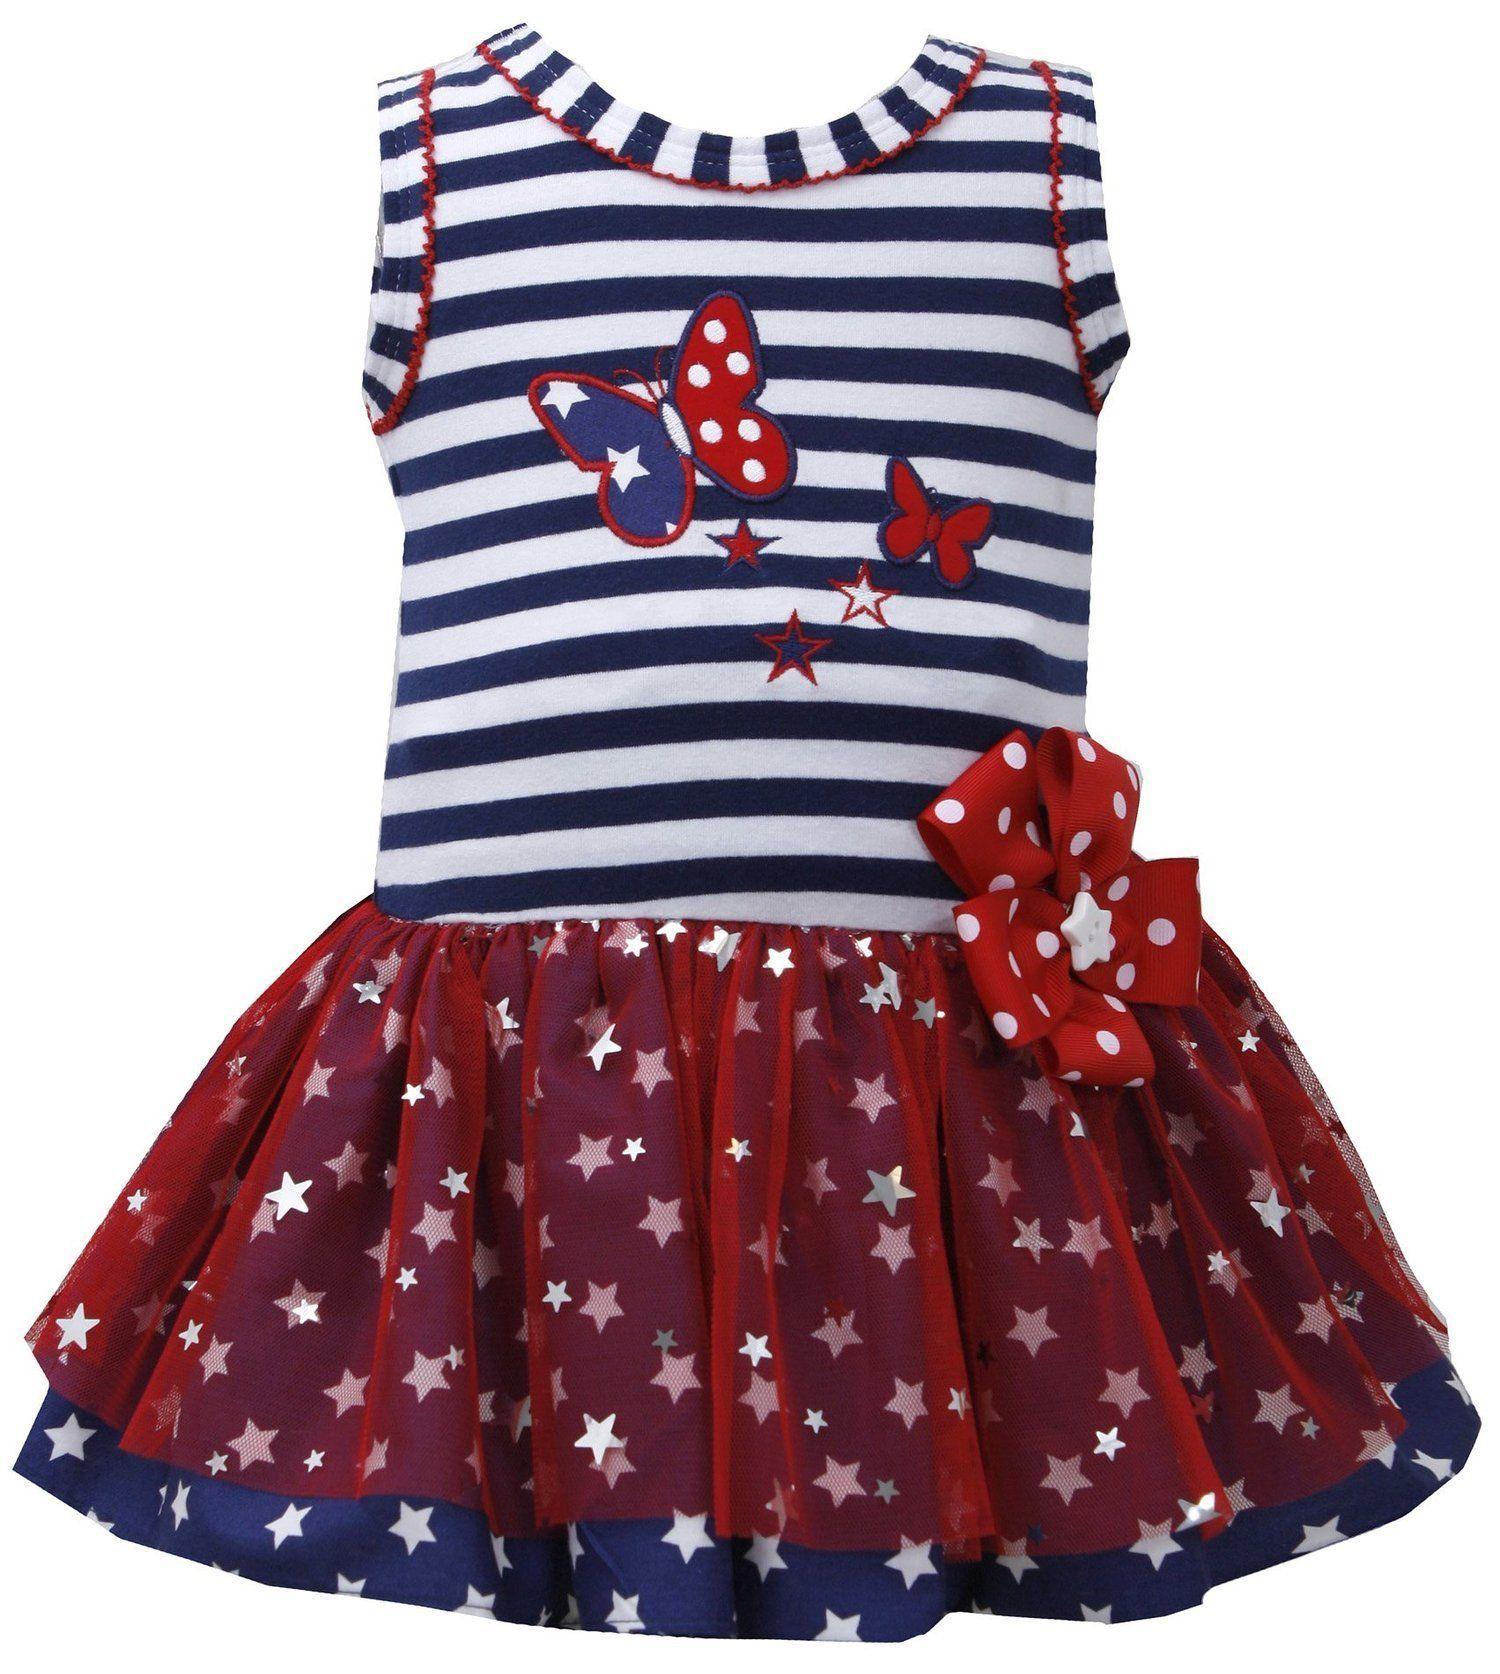 Red dress 6-9 months